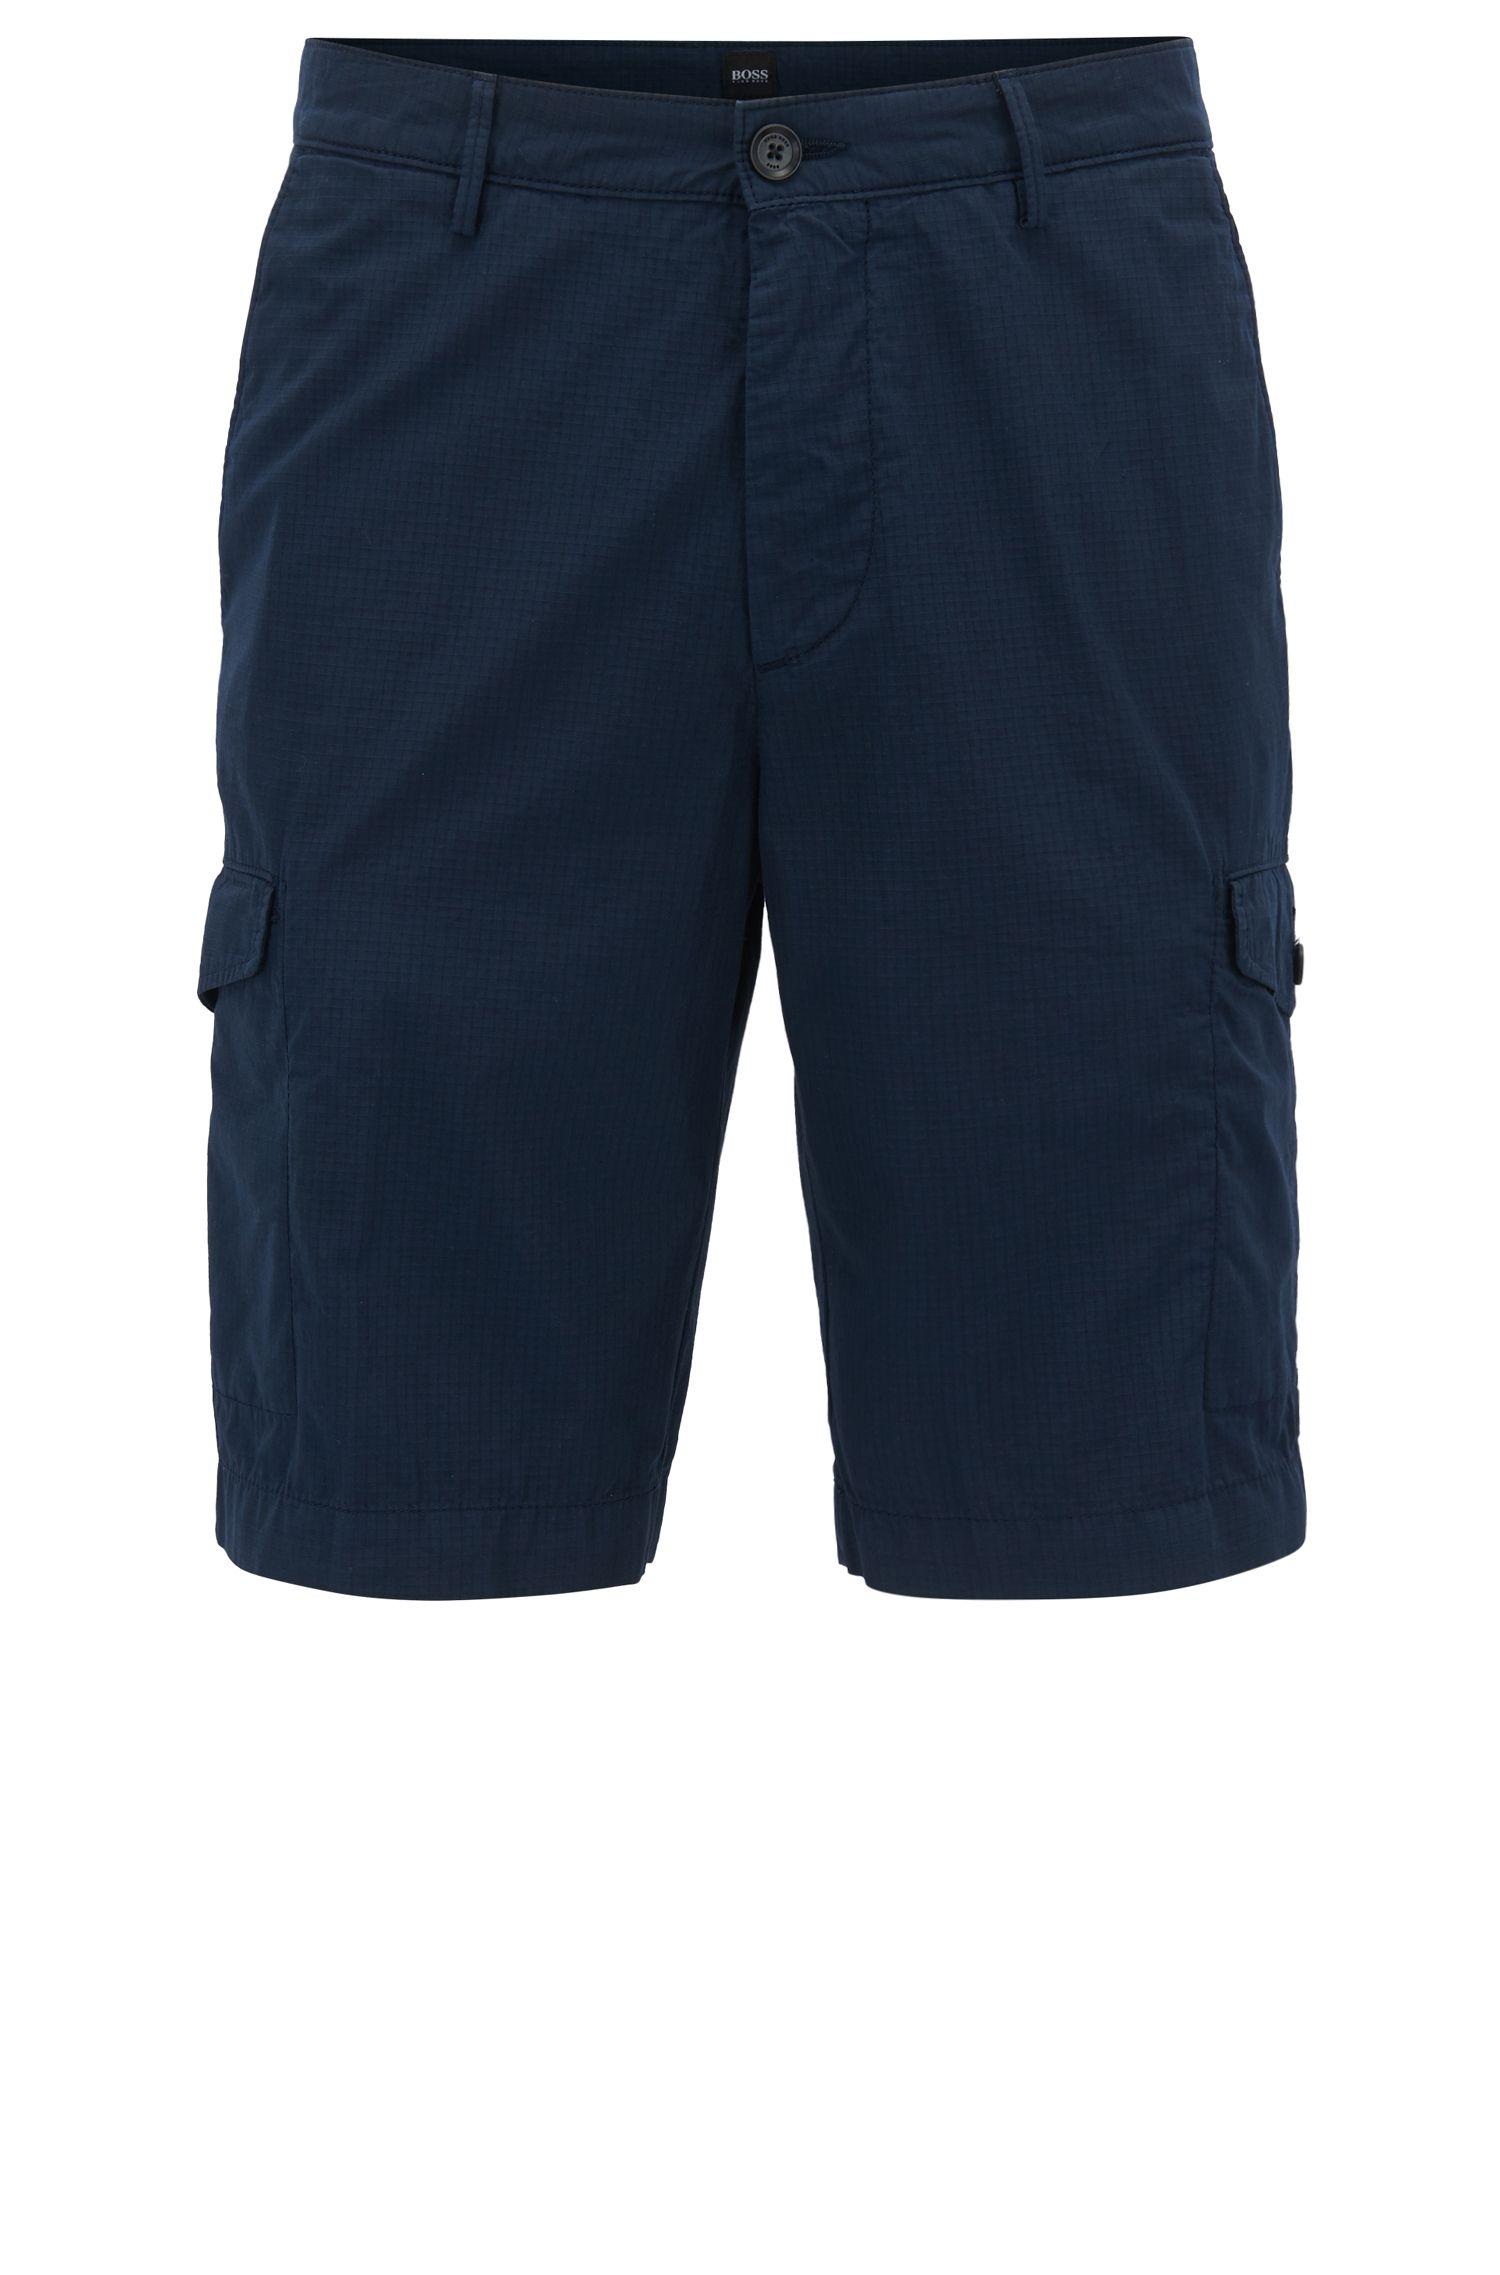 Cargo Short, Regular Fit | Crigan Short Cargo D, Dark Blue